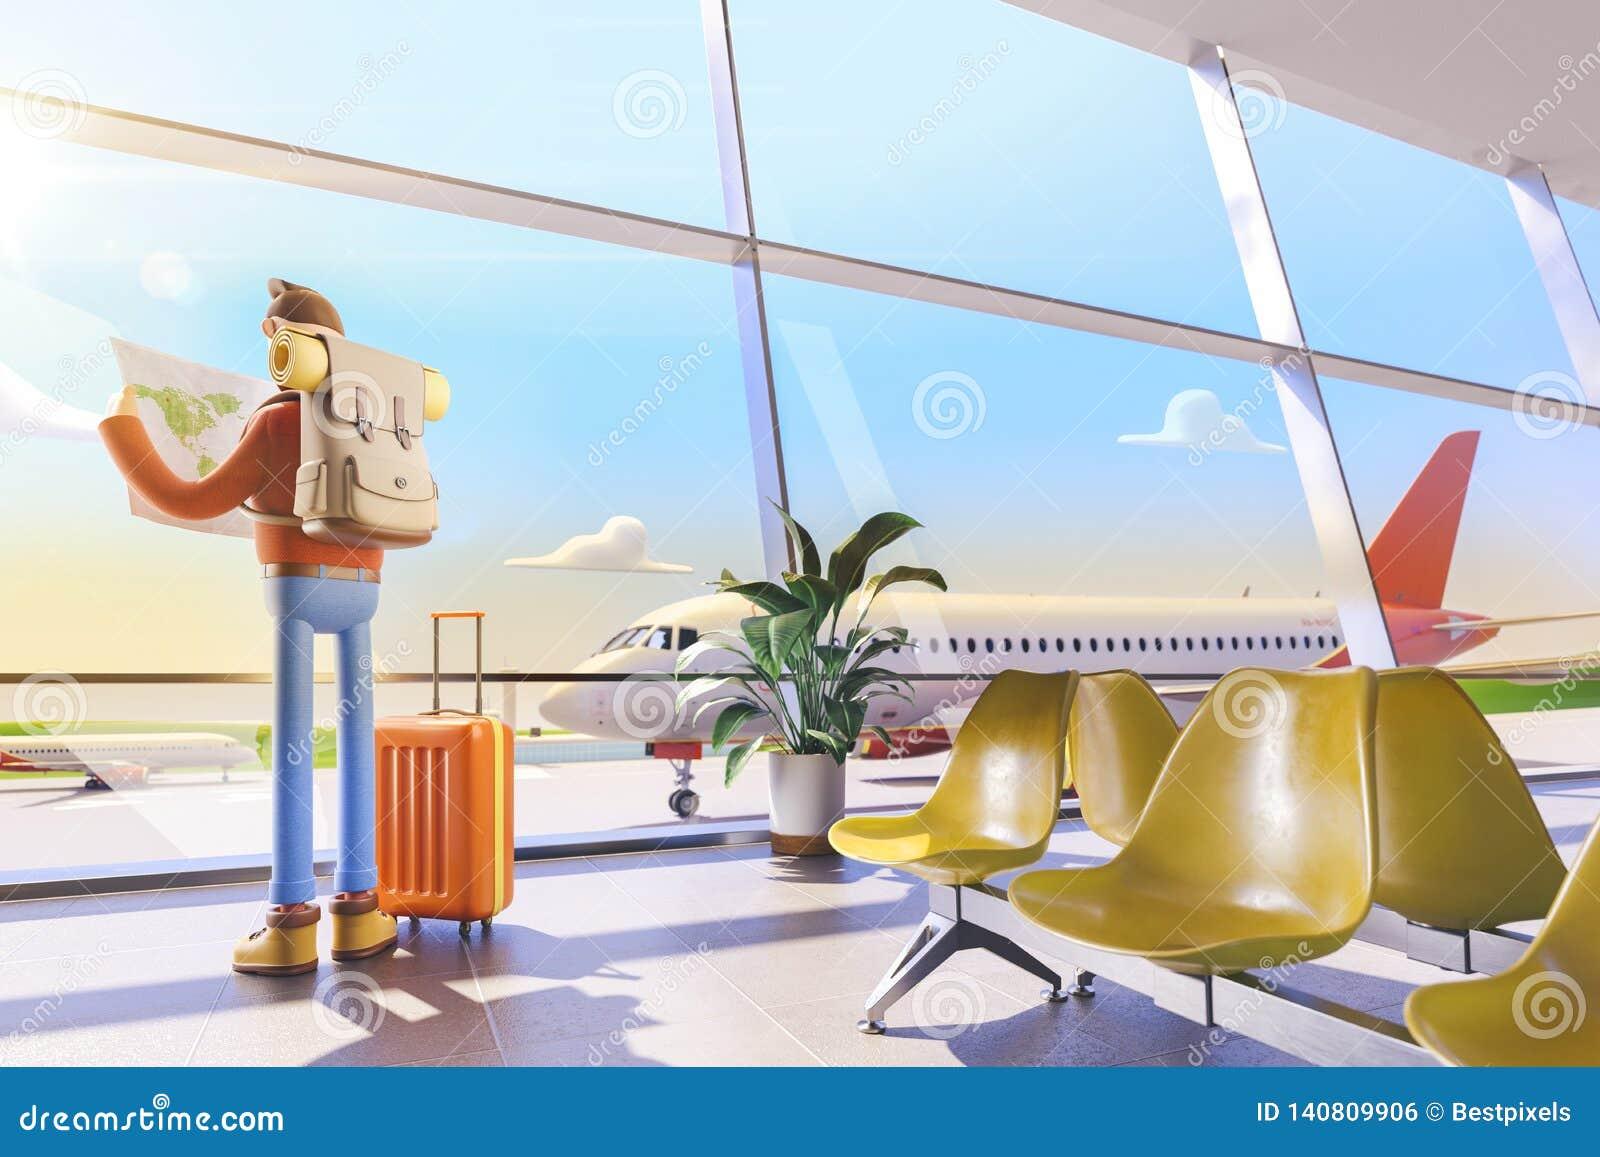 O turista do personagem de banda desenhada guarda o mapa do mundo nas mãos no aeroporto ilustração 3D